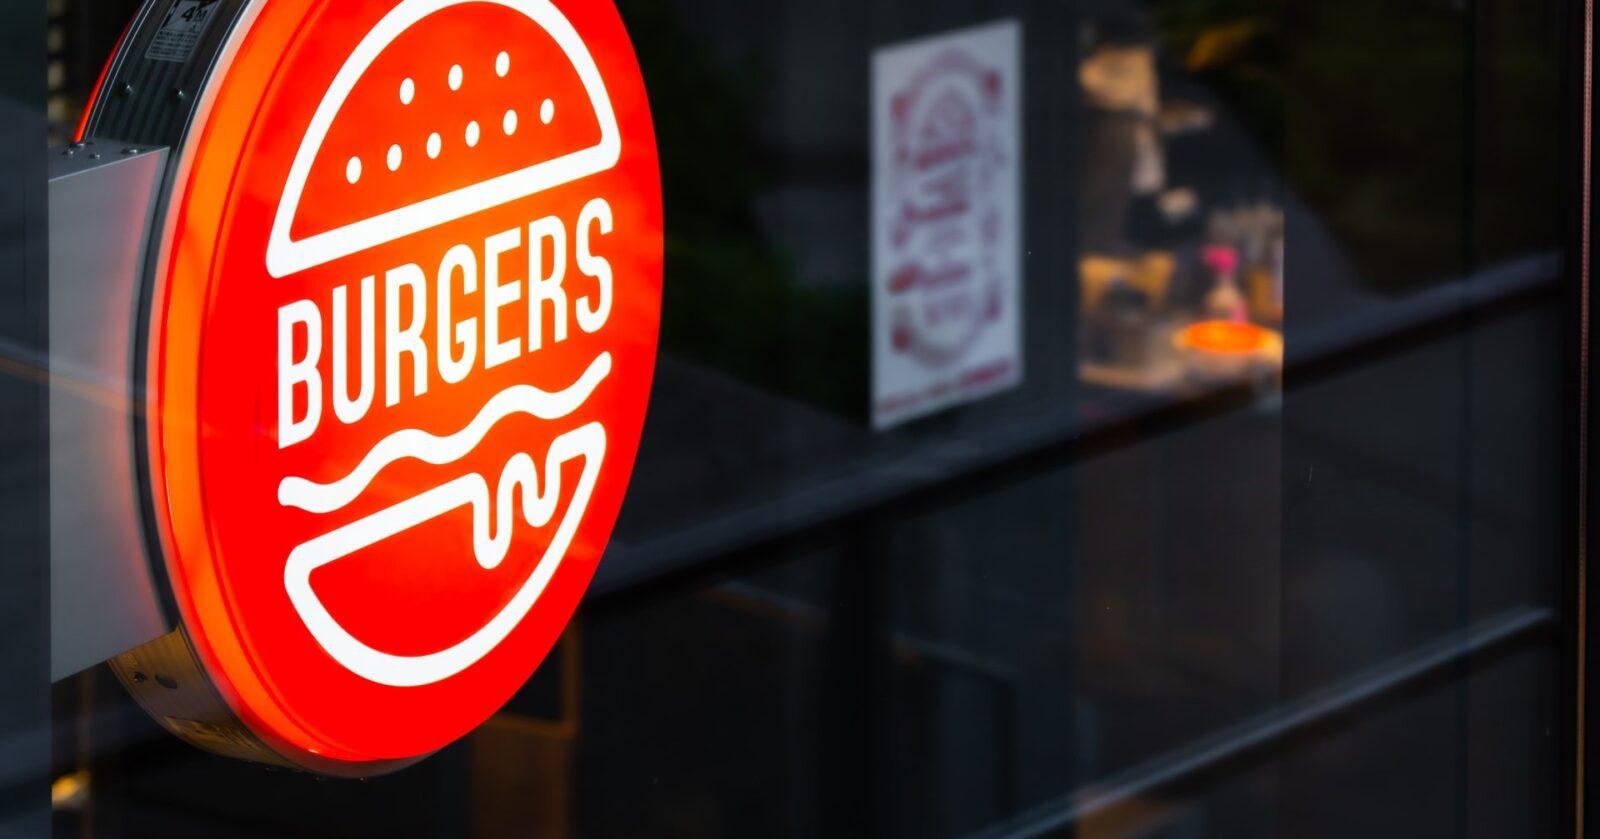 szyld burgery